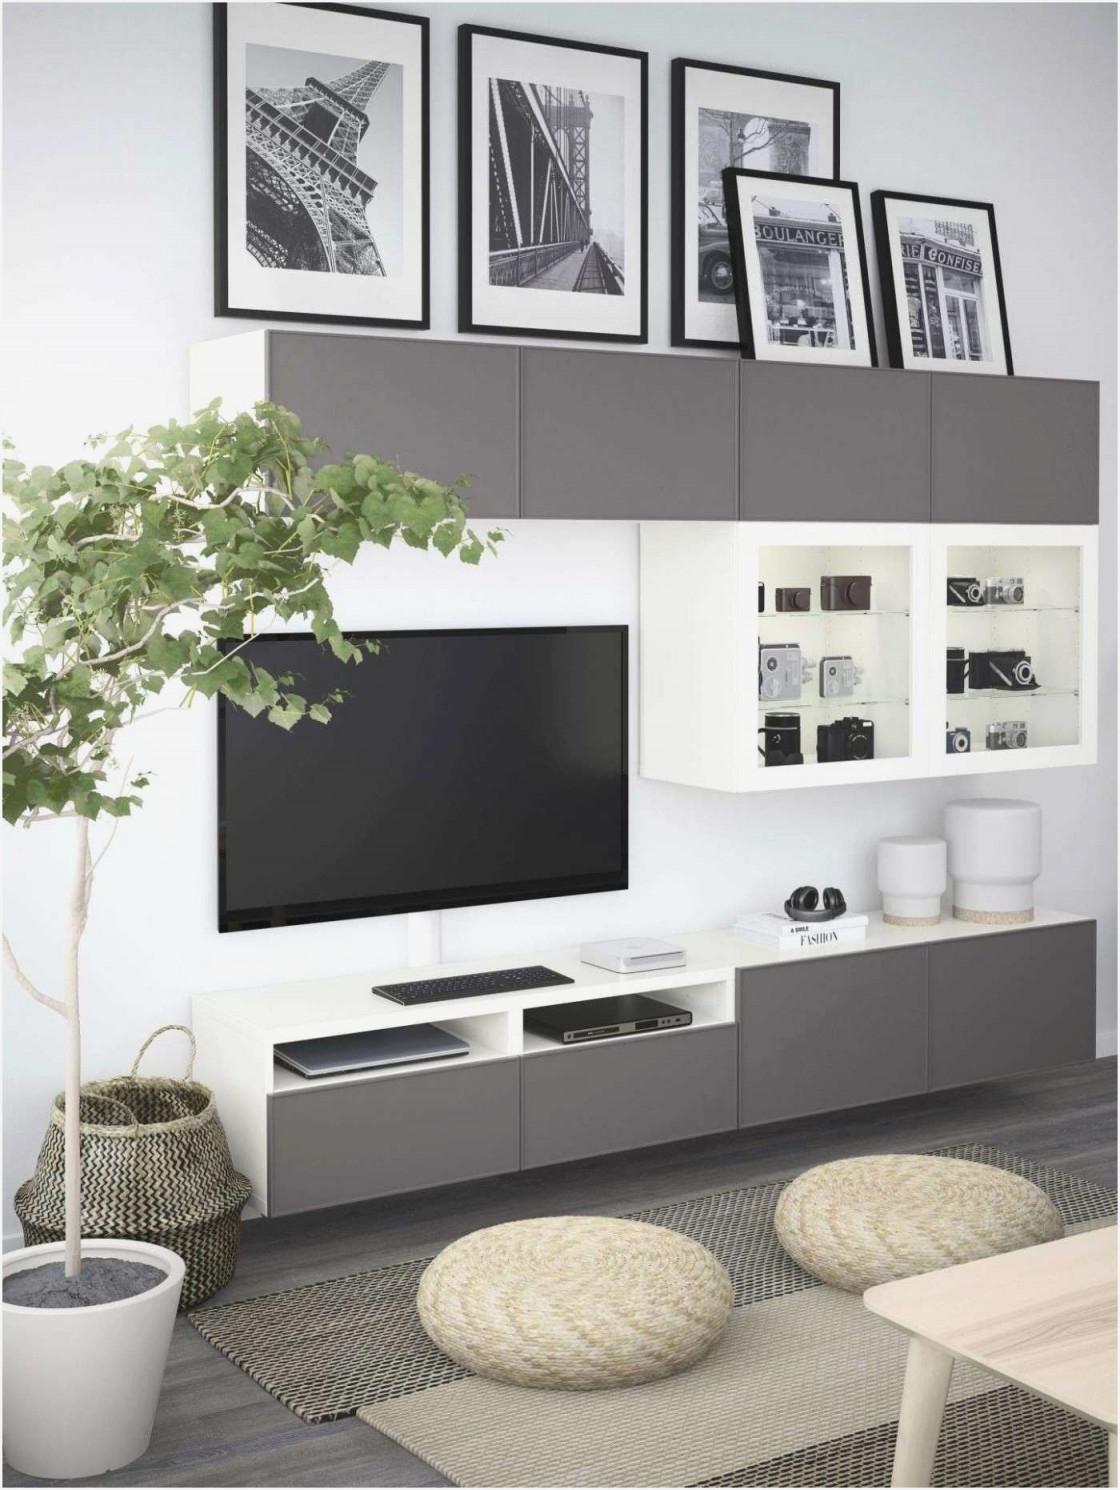 Deko Ideen Deko Wohnzimmer Modern – Caseconrad von Deko Modern Wohnzimmer Bild